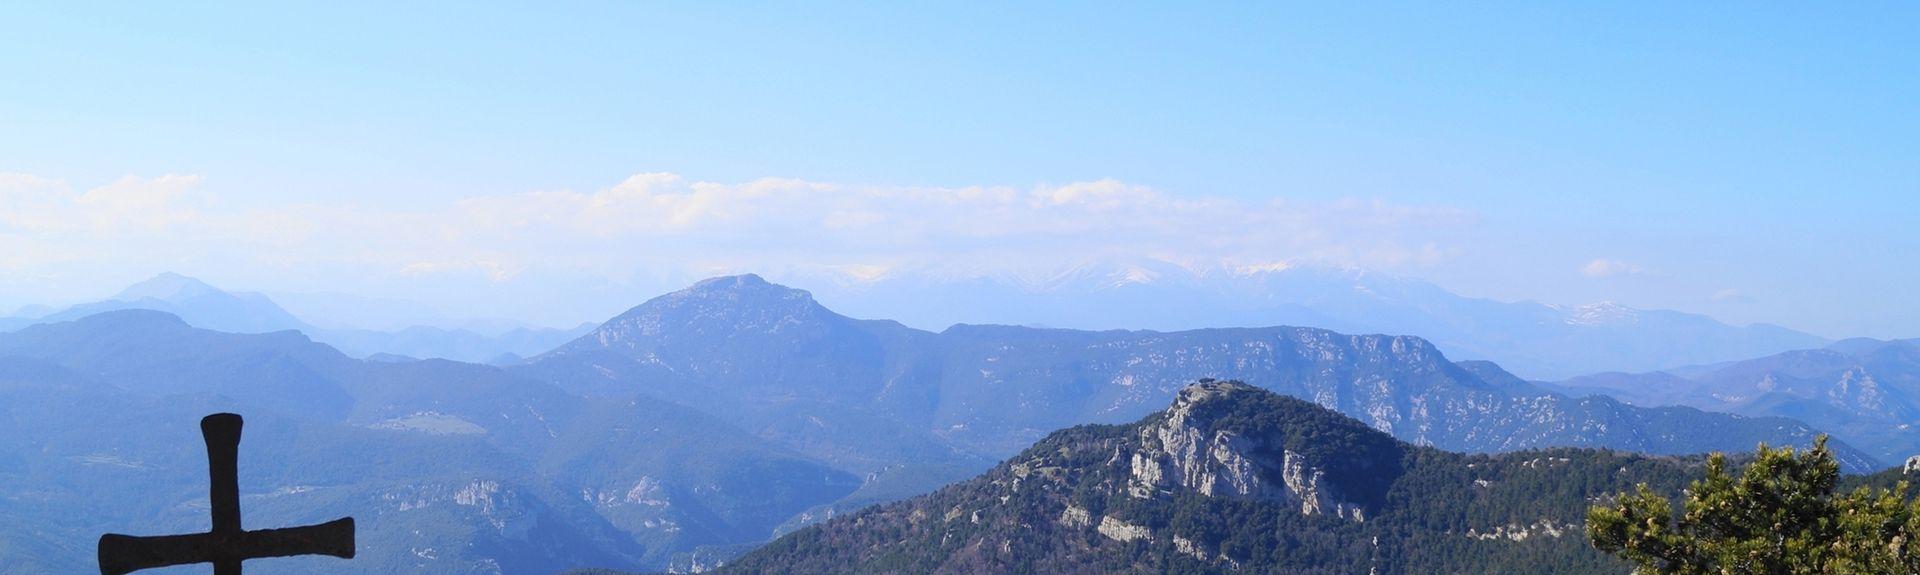 Les Roques, Bascara, Καταλονία, Ισπανία